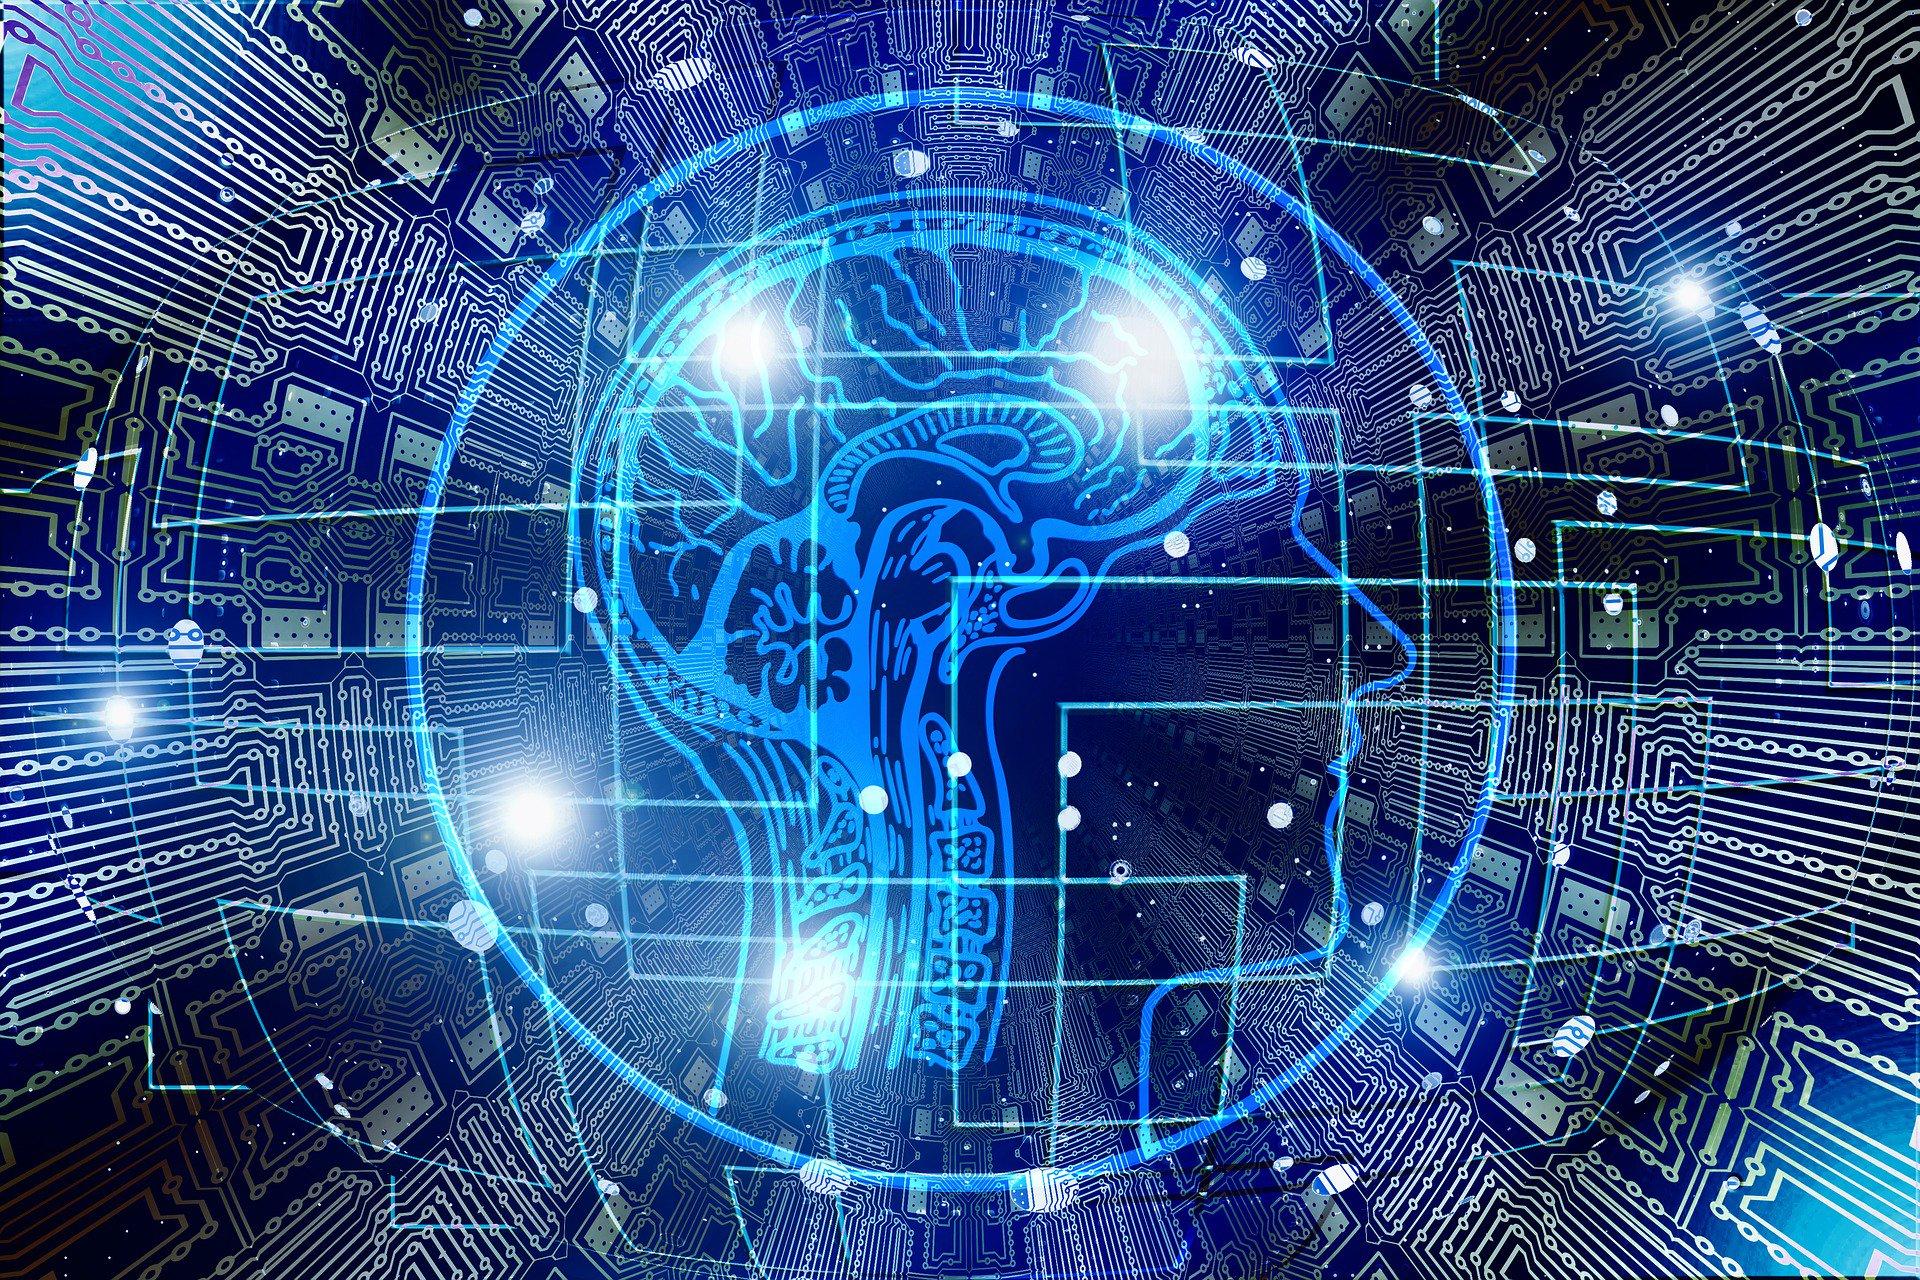 Ключевые события Года науки и технологий